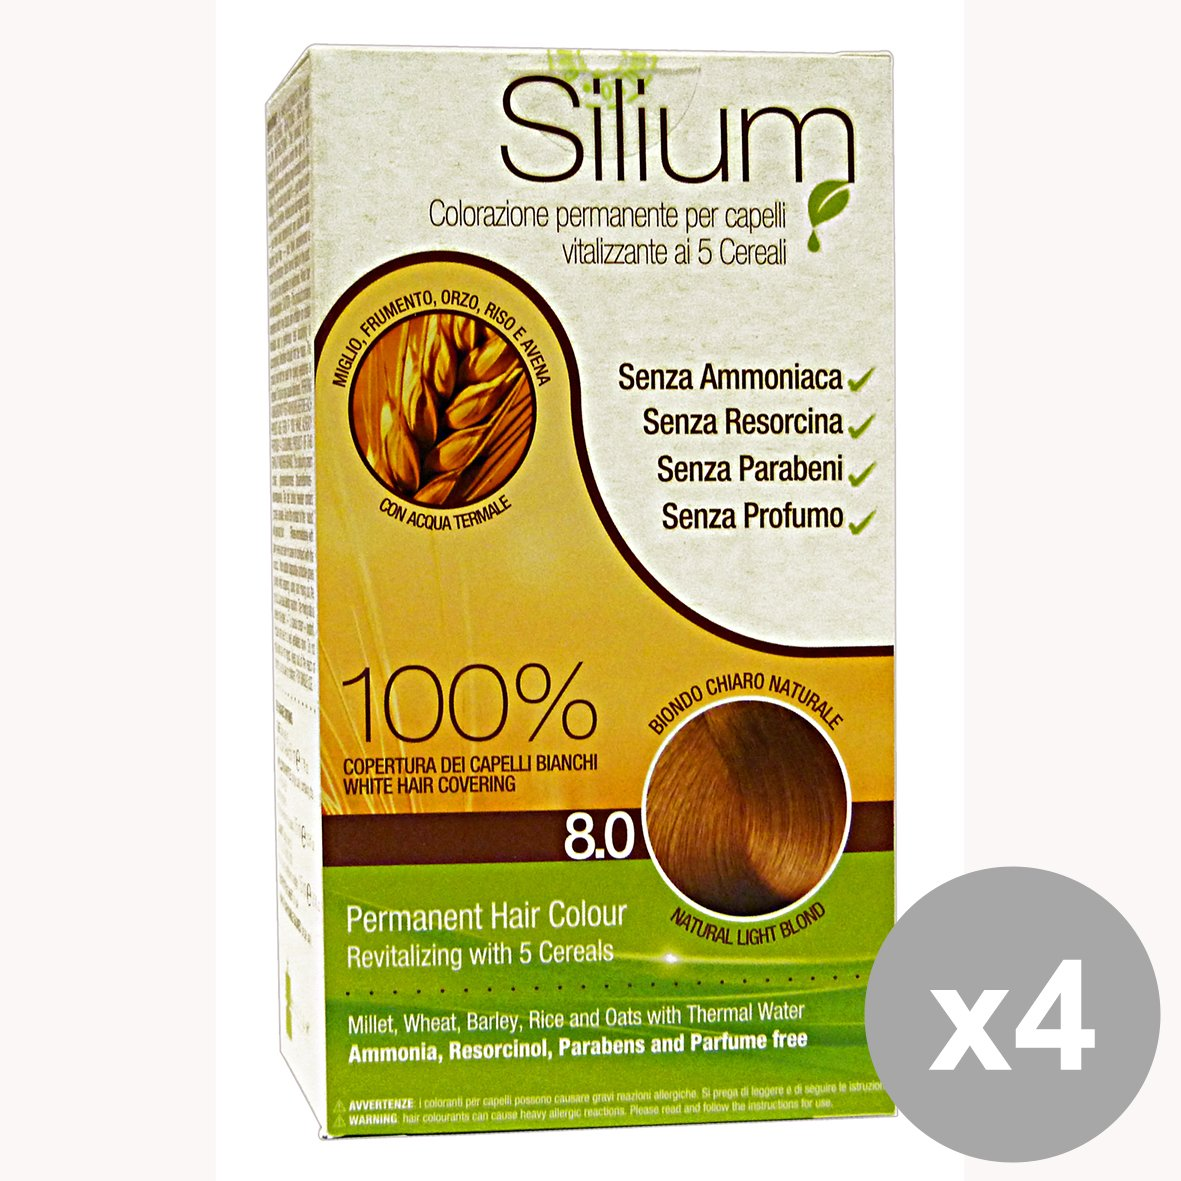 Silium Colorazione Permanente per Capeli Vitalizzante ai 5 Cereali 8.0 Biondo Chiaro Naturale - Pacco da 4 x 800 gr COLORSILIU80-KIT